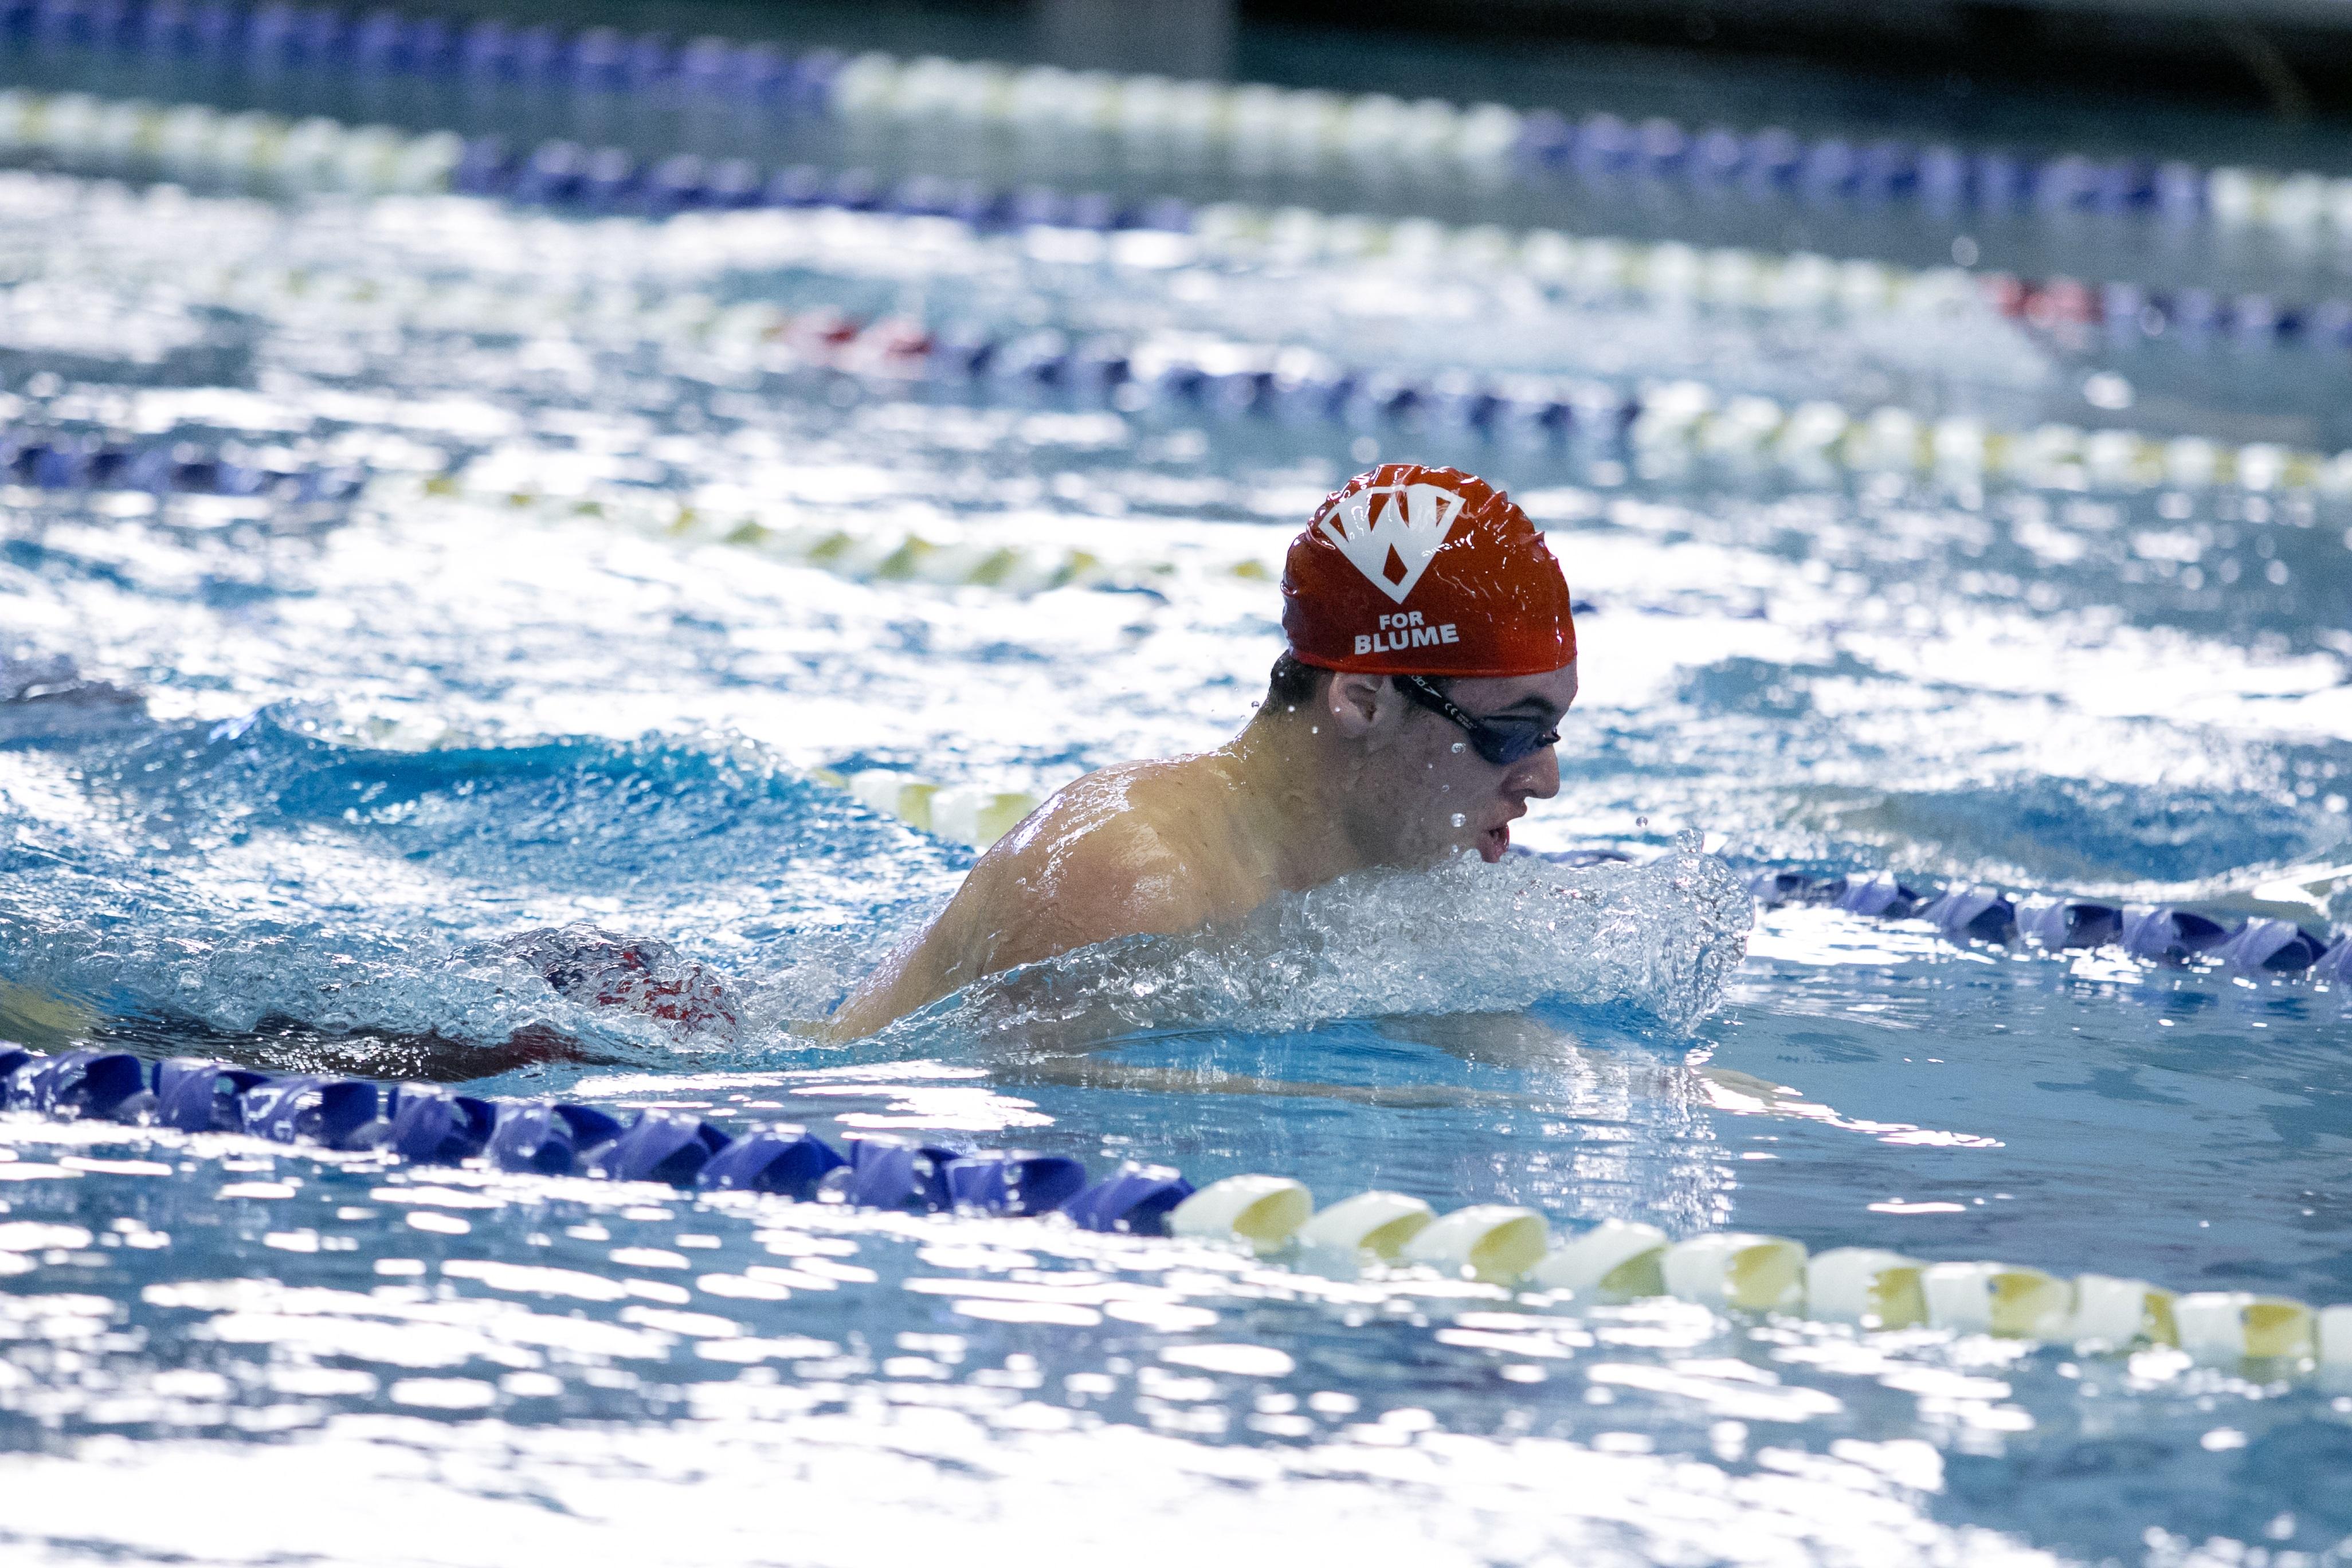 Used by swim coach